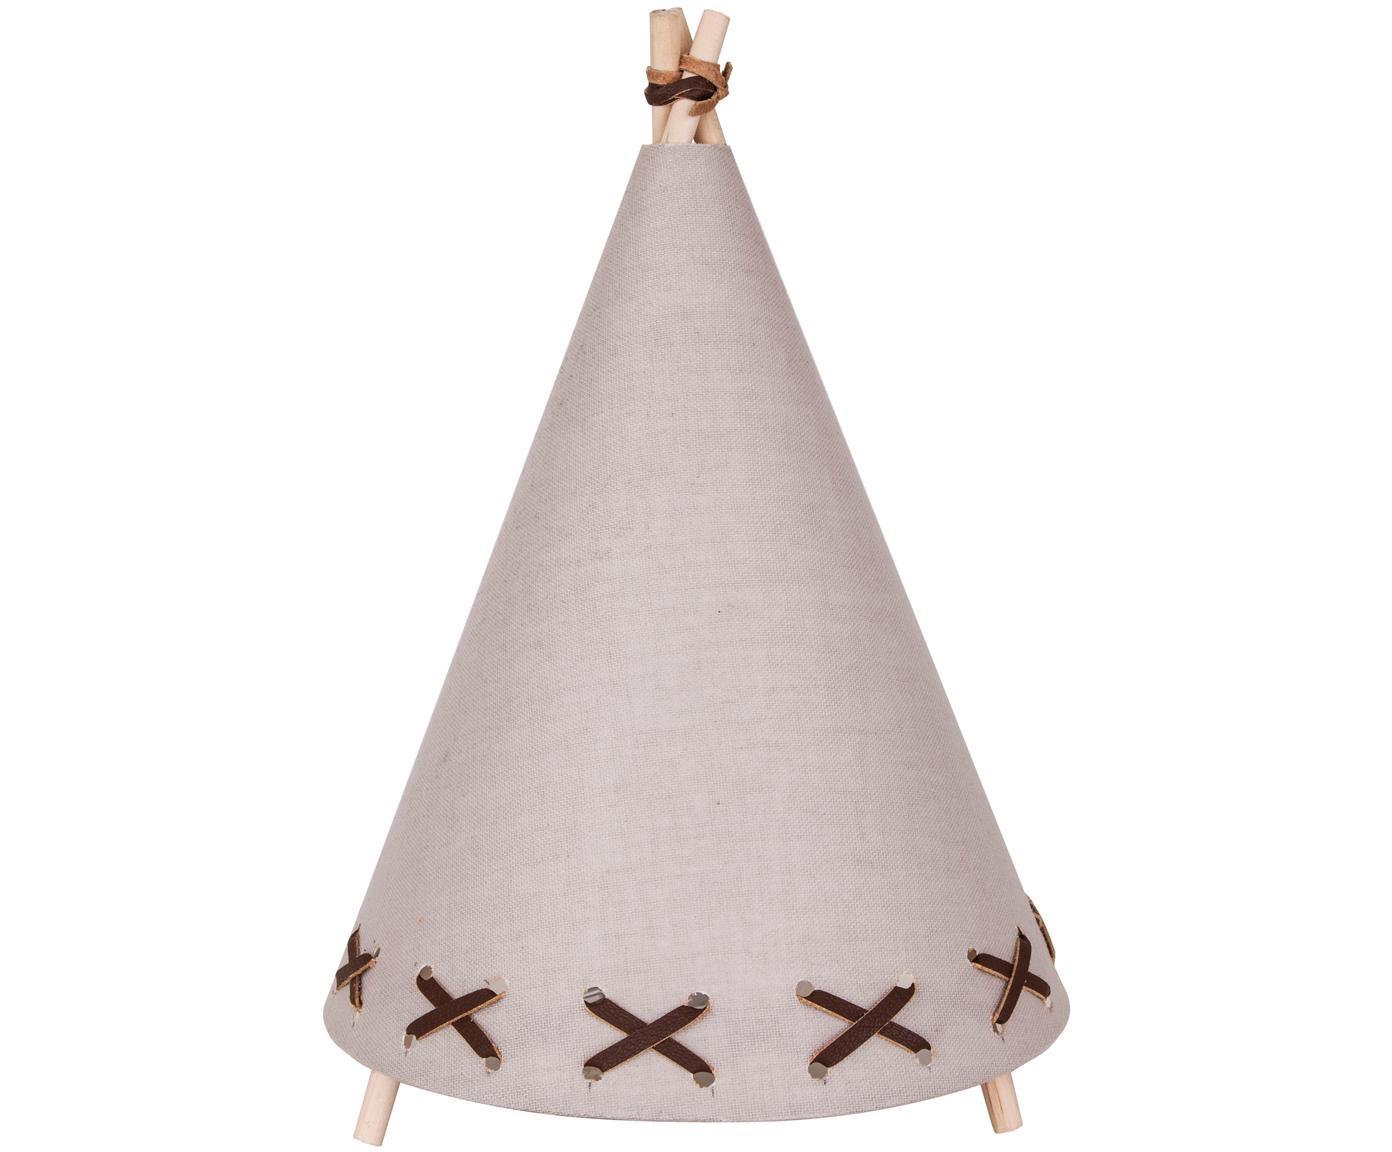 Lampa stołowa LED z lnu Tipi, Stelaż: drewno naturalne, Jasny brązowy, beżowy, Ø 20 x W 29 cm